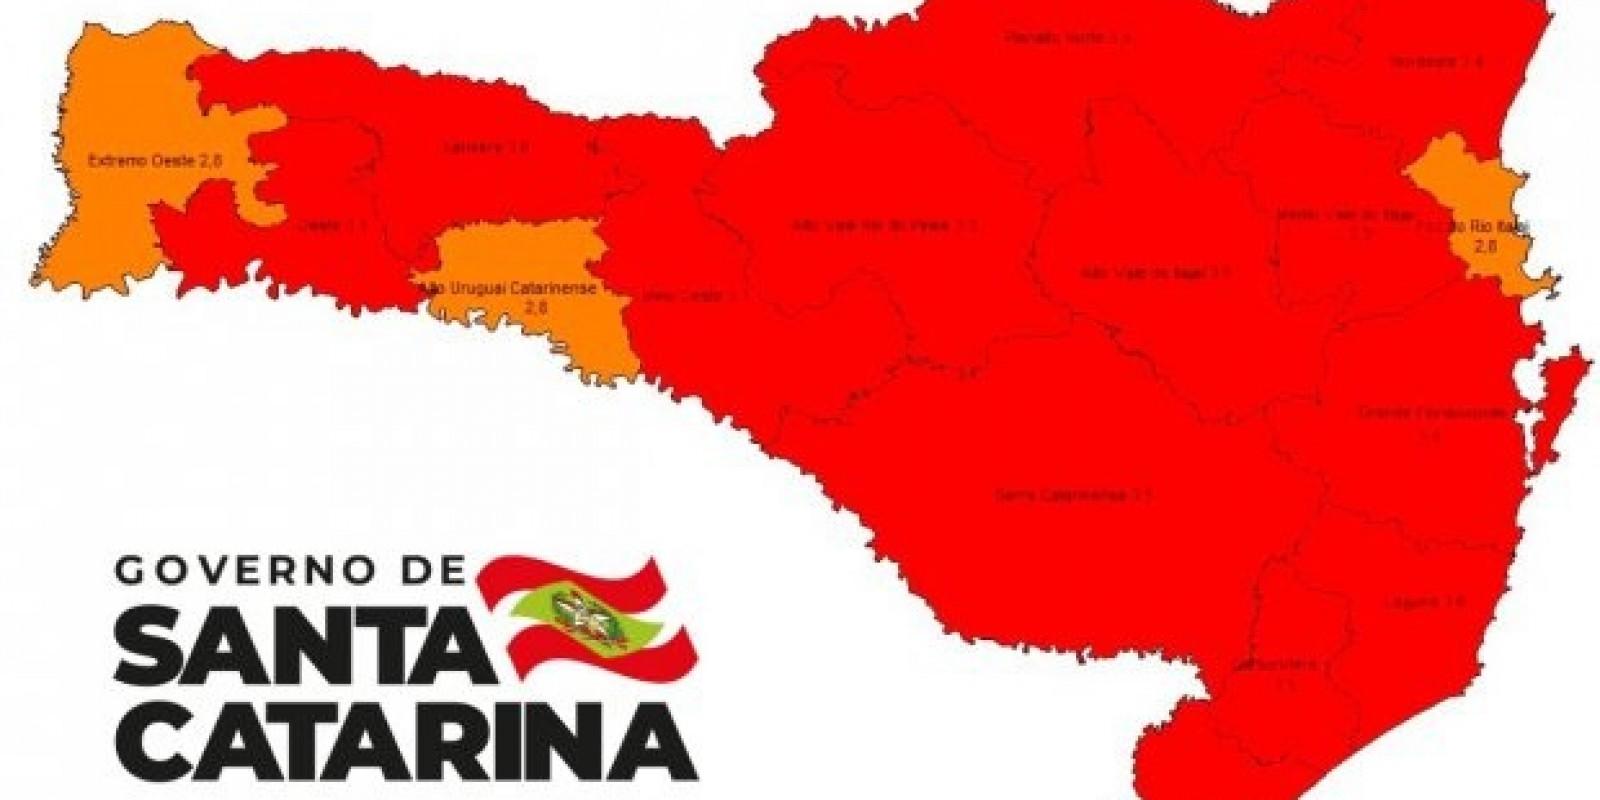 Governo alerta em nova matriz de risco para 13 regiões em nível gravíssimo e três regiões em nível grave